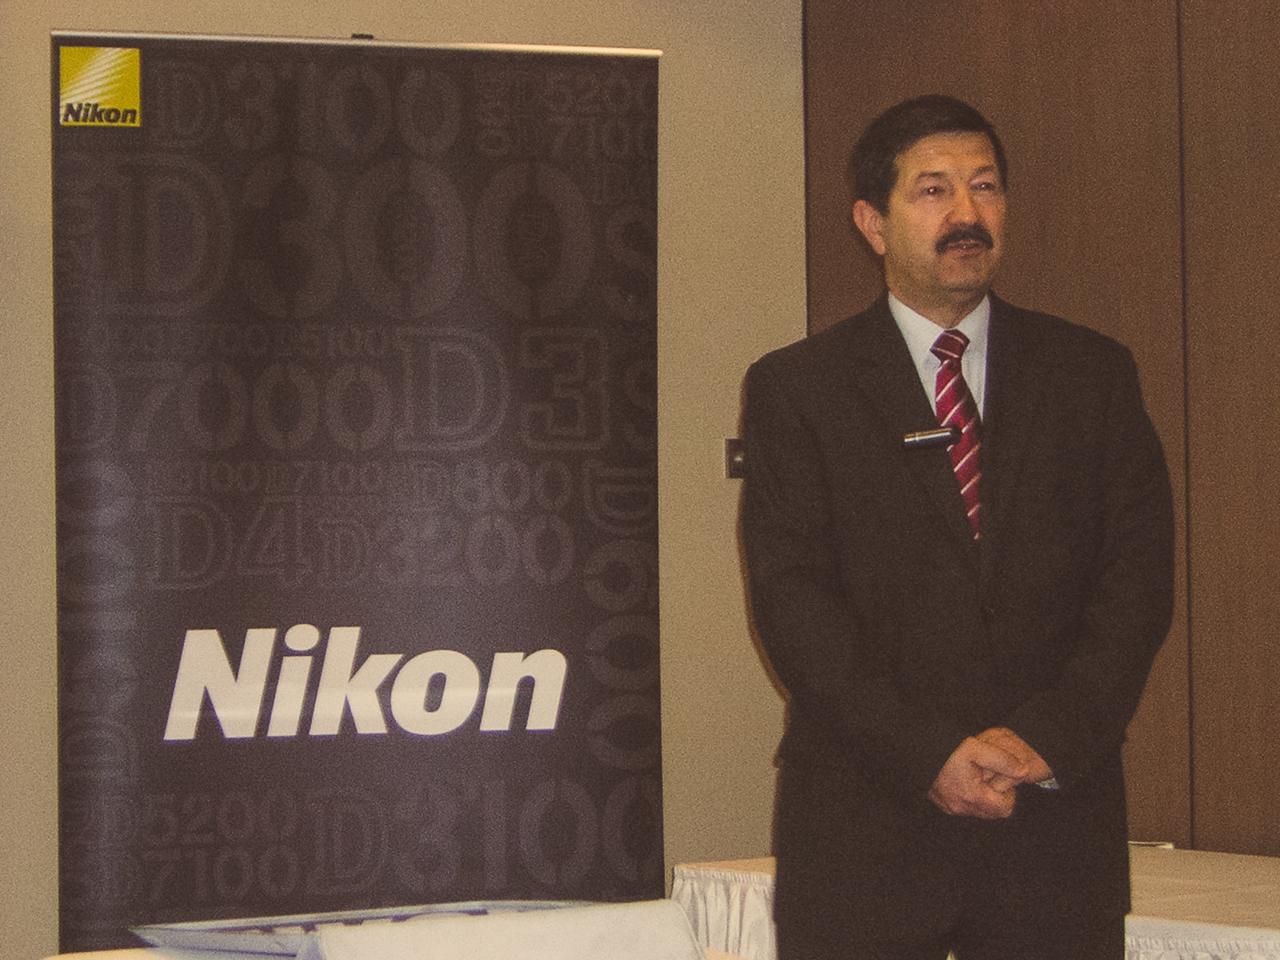 Huller Gyula, a Nikon Kft. ügyvezető igazgatója nyitotta meg a sajtóreggelit